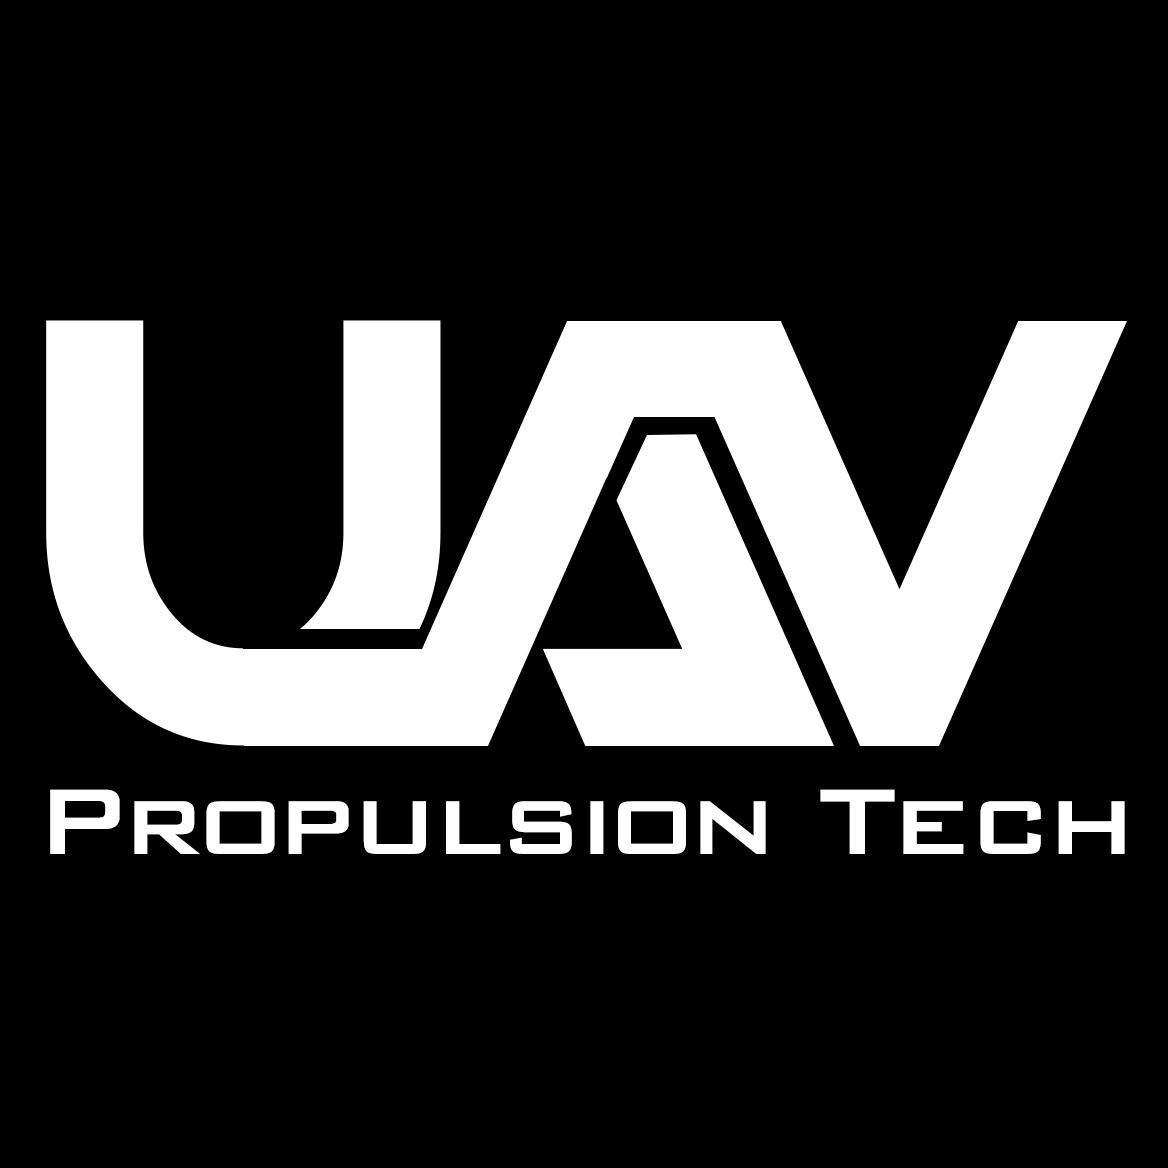 UAV Propulsion Tech